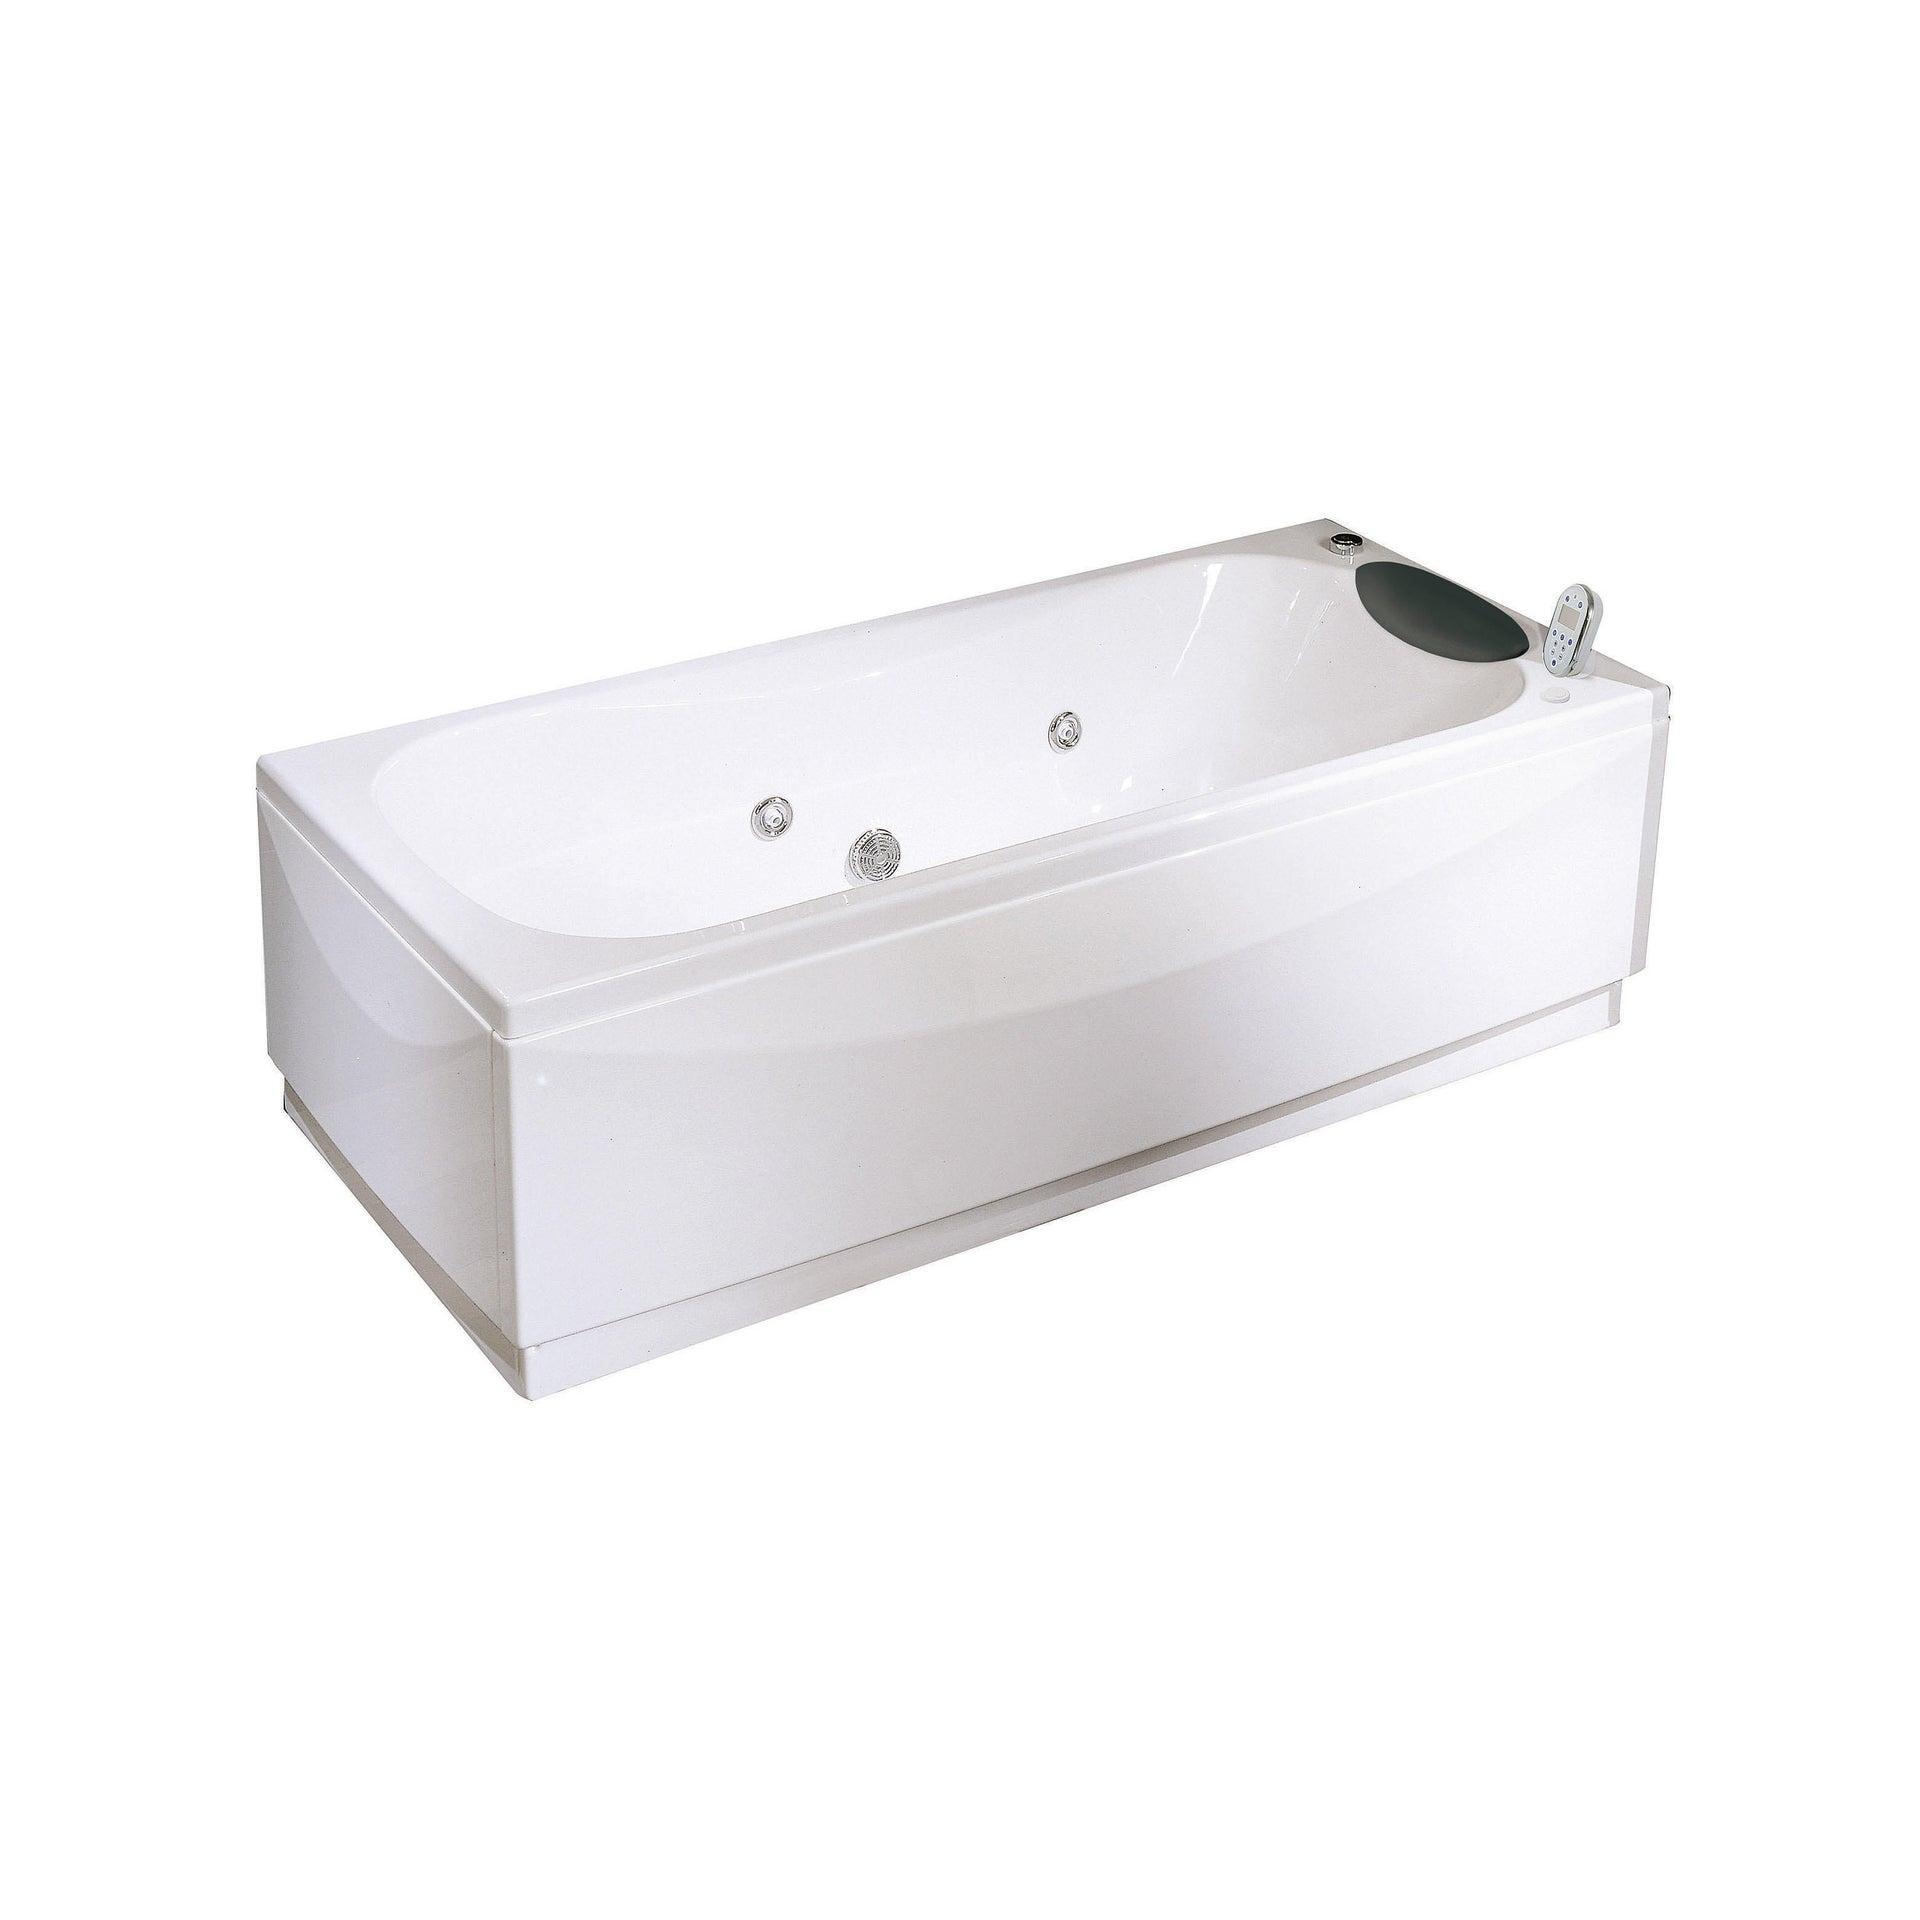 Vasca idromassaggio rettangolare Egeria,bianco ,170, 70 cm, 18 bocchette, - 1